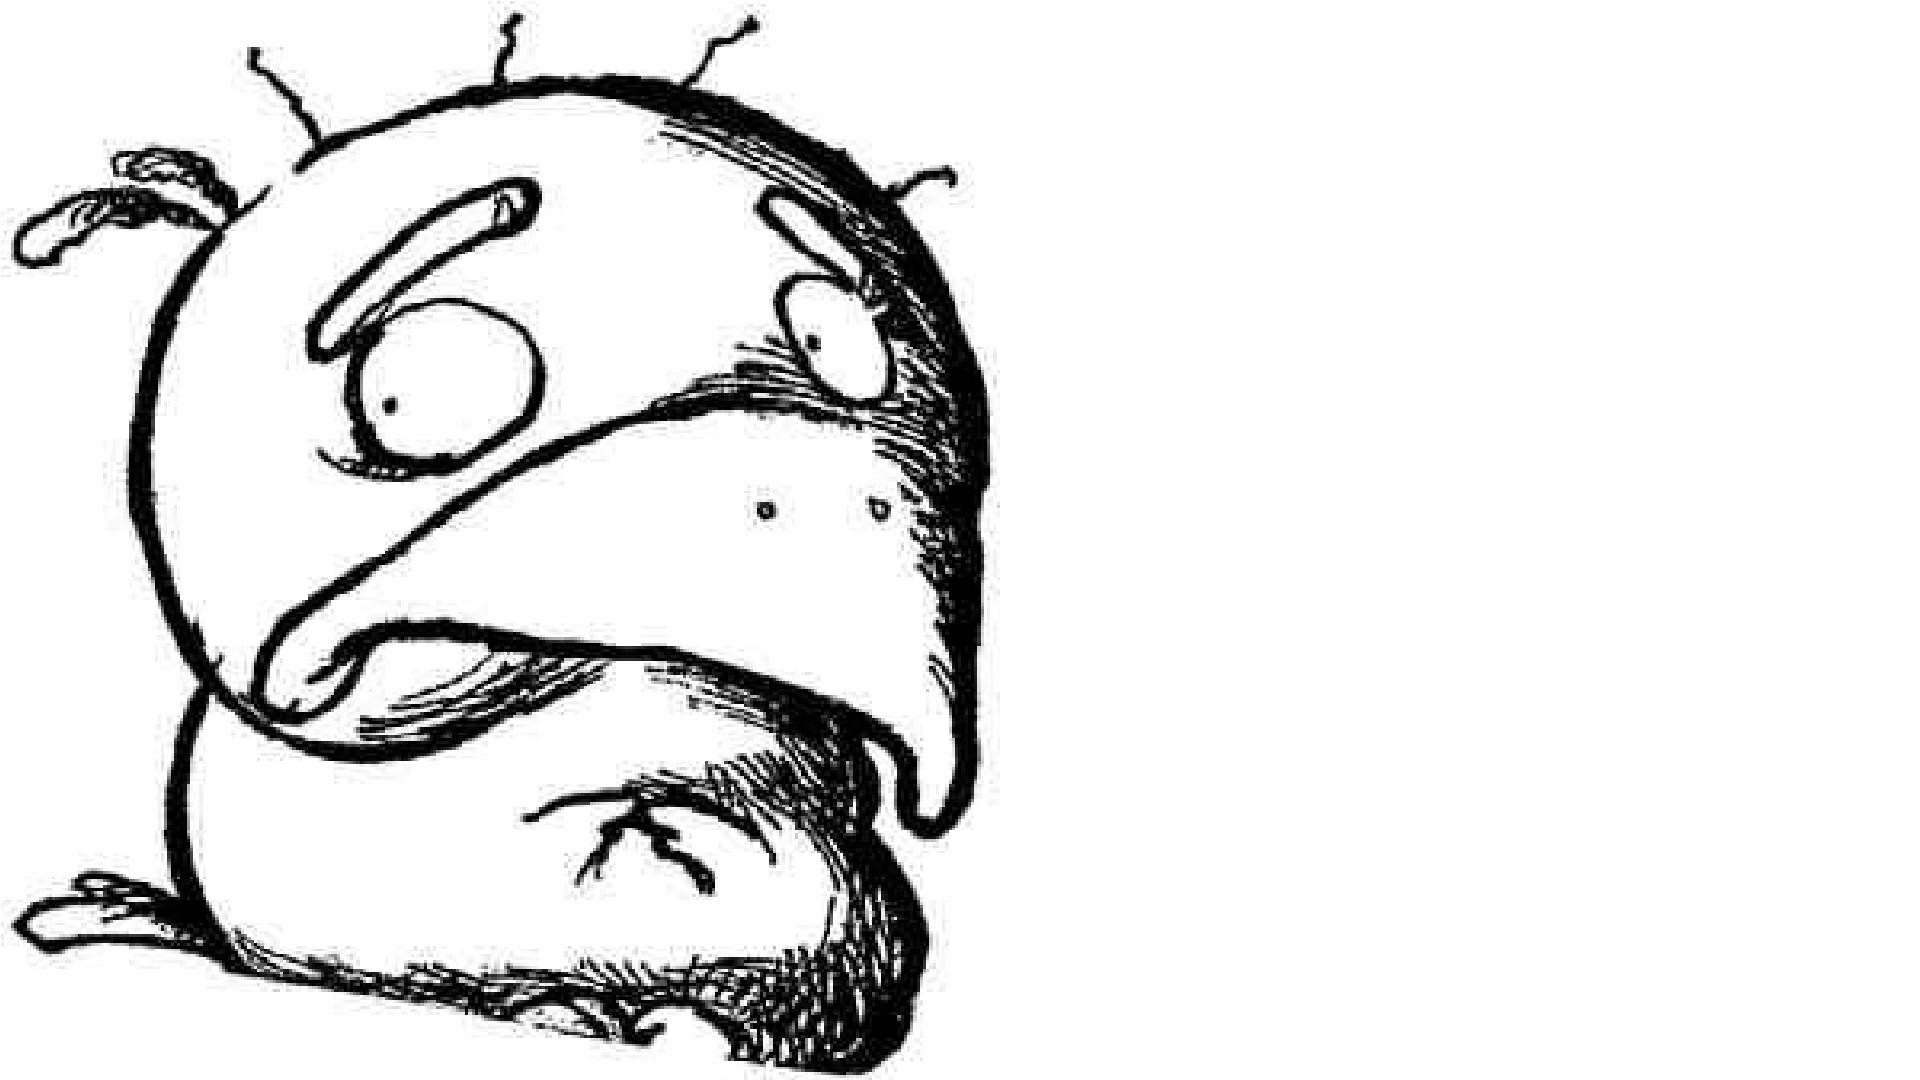 pikkelysömör kezelése kartalin kenőcs kenőcs pikkelysömörhöz nem drga